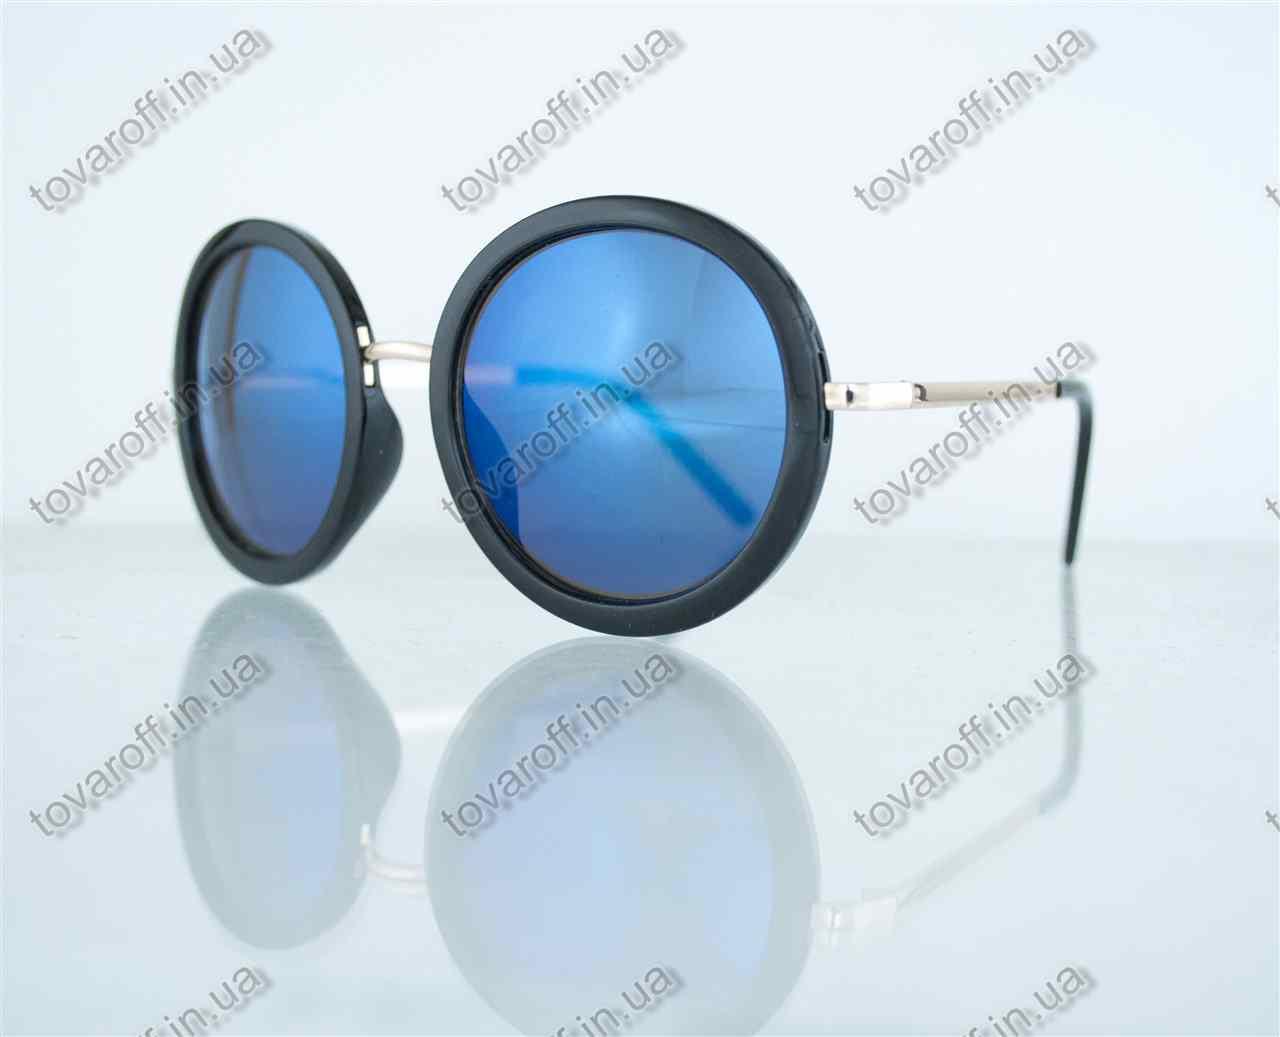 Оптом очки унисекс солнцезащитные круглые - Черные с синими зеркальными линзами - 2106